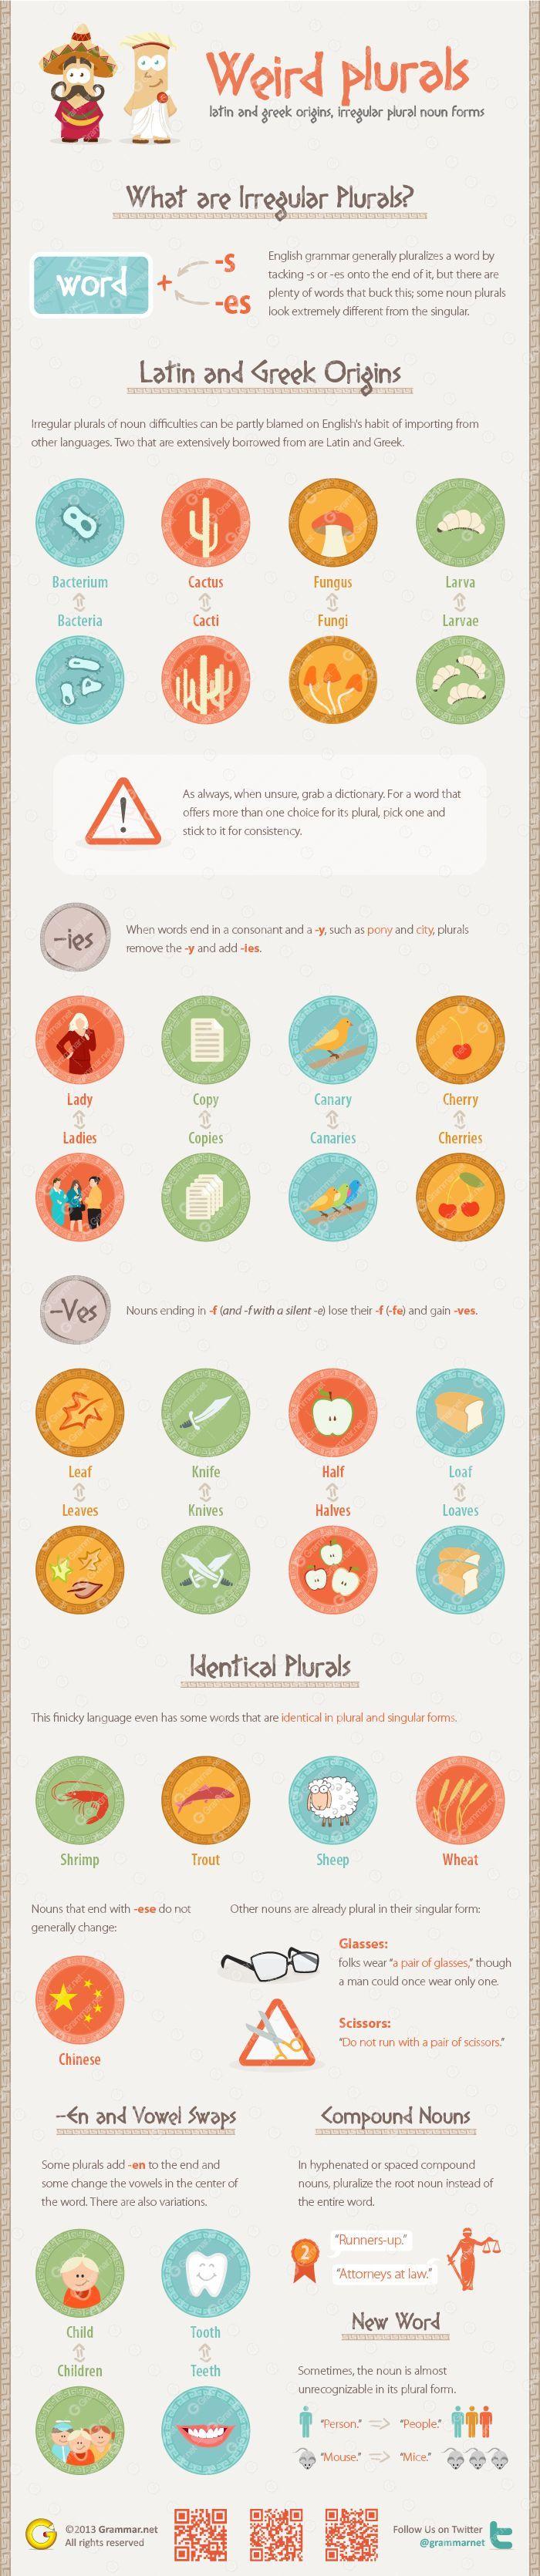 Hola: Una infografía de la serie Aprende inglés: Plurales irregulares. Un saludo Más infografía de la serie Aprende Inglés. [Infographic provided by Grammar.net]